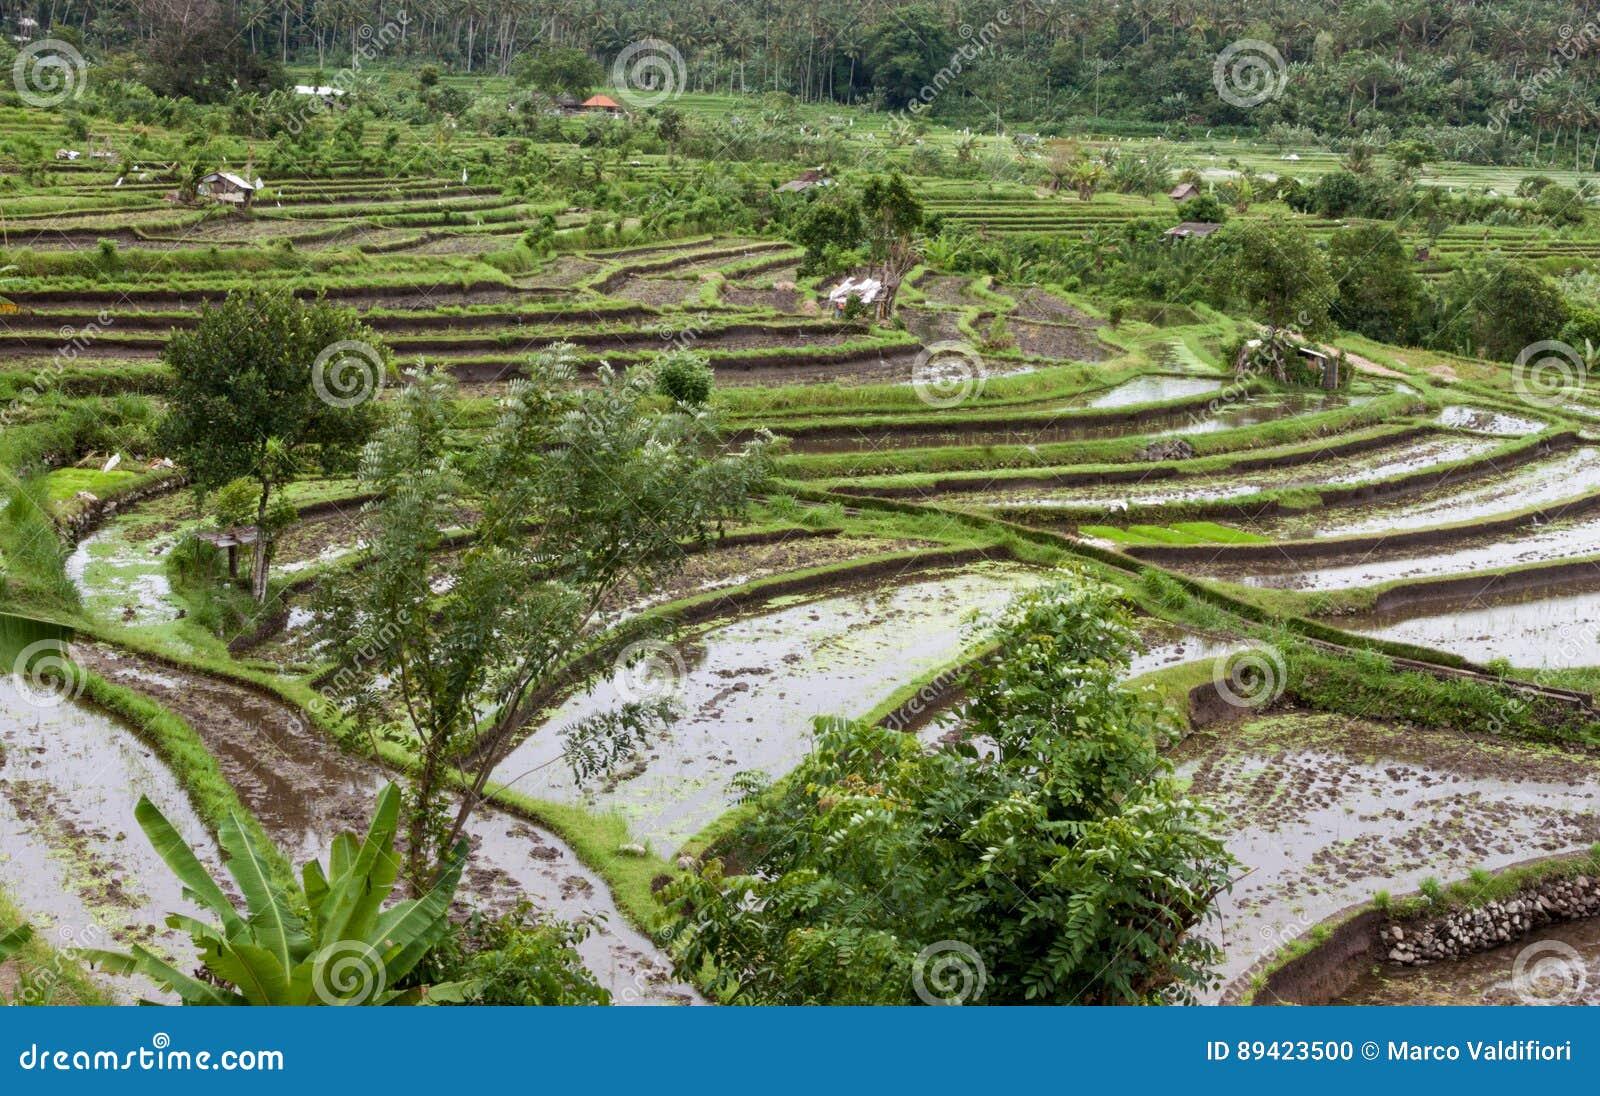 Campo do terraço do arroz, Ubud, Bali, Indonésia